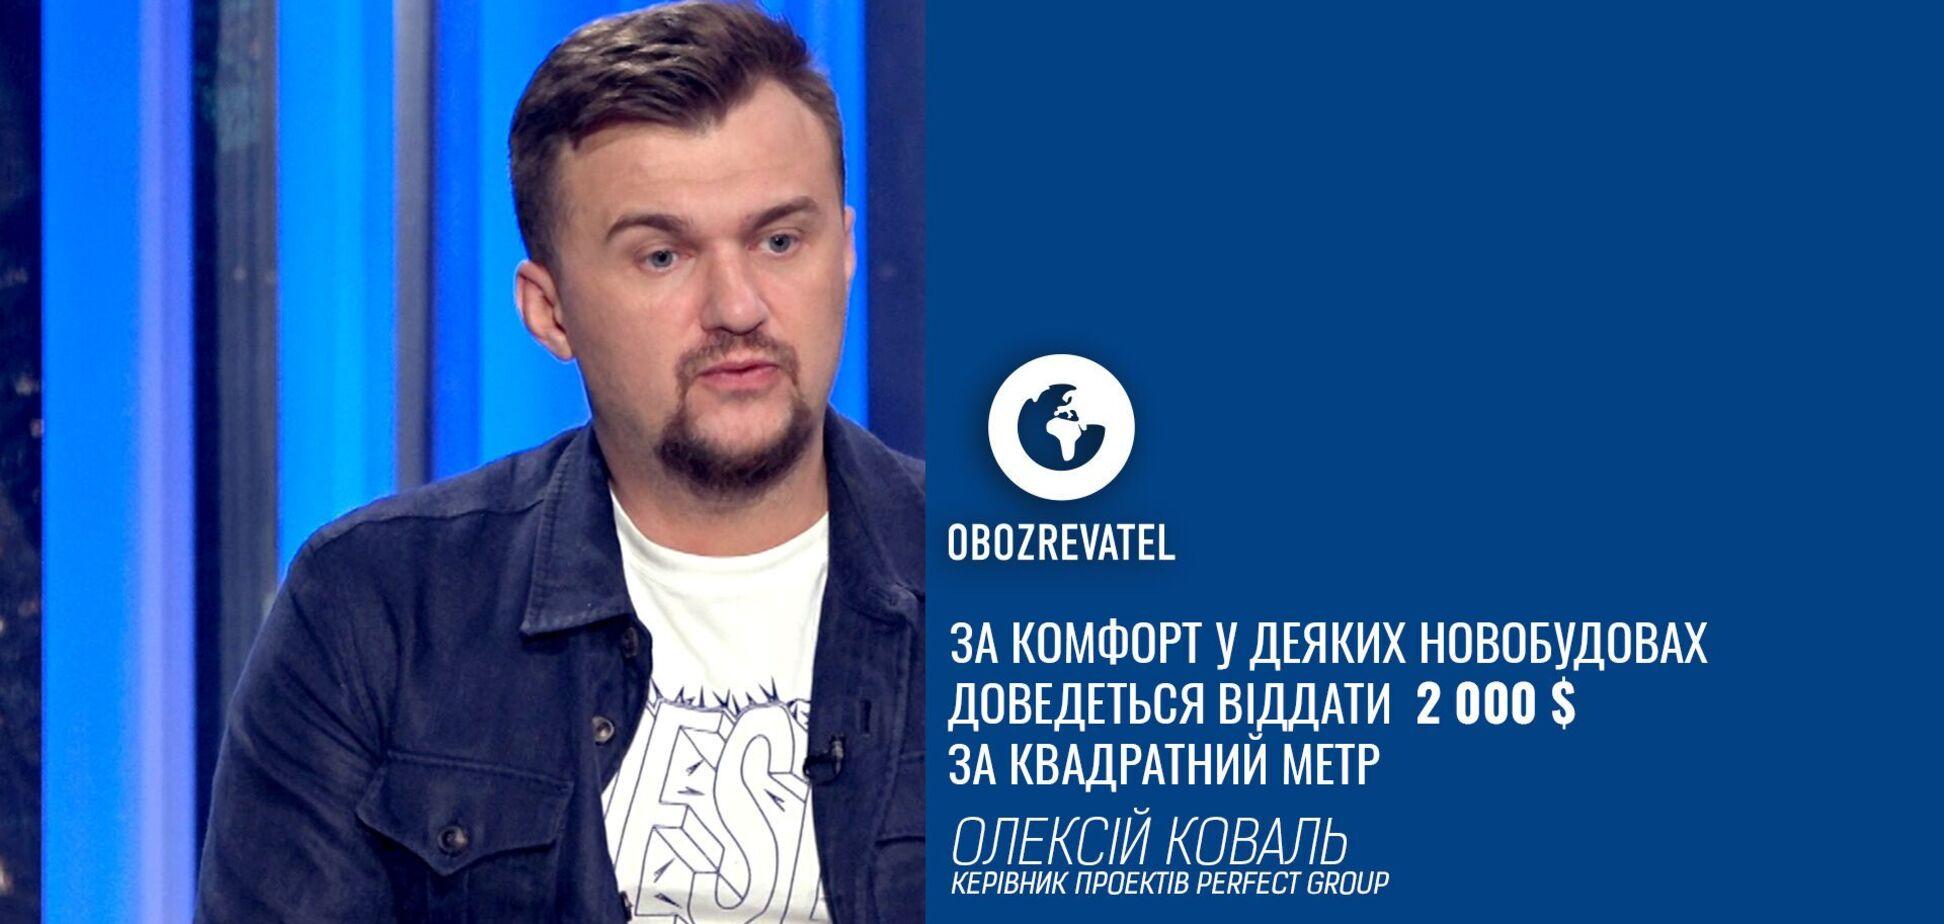 Старение жилищного фонда Киева и спрос на новое жилье побуждают застройщиков строить больше, – Алексей Коваль